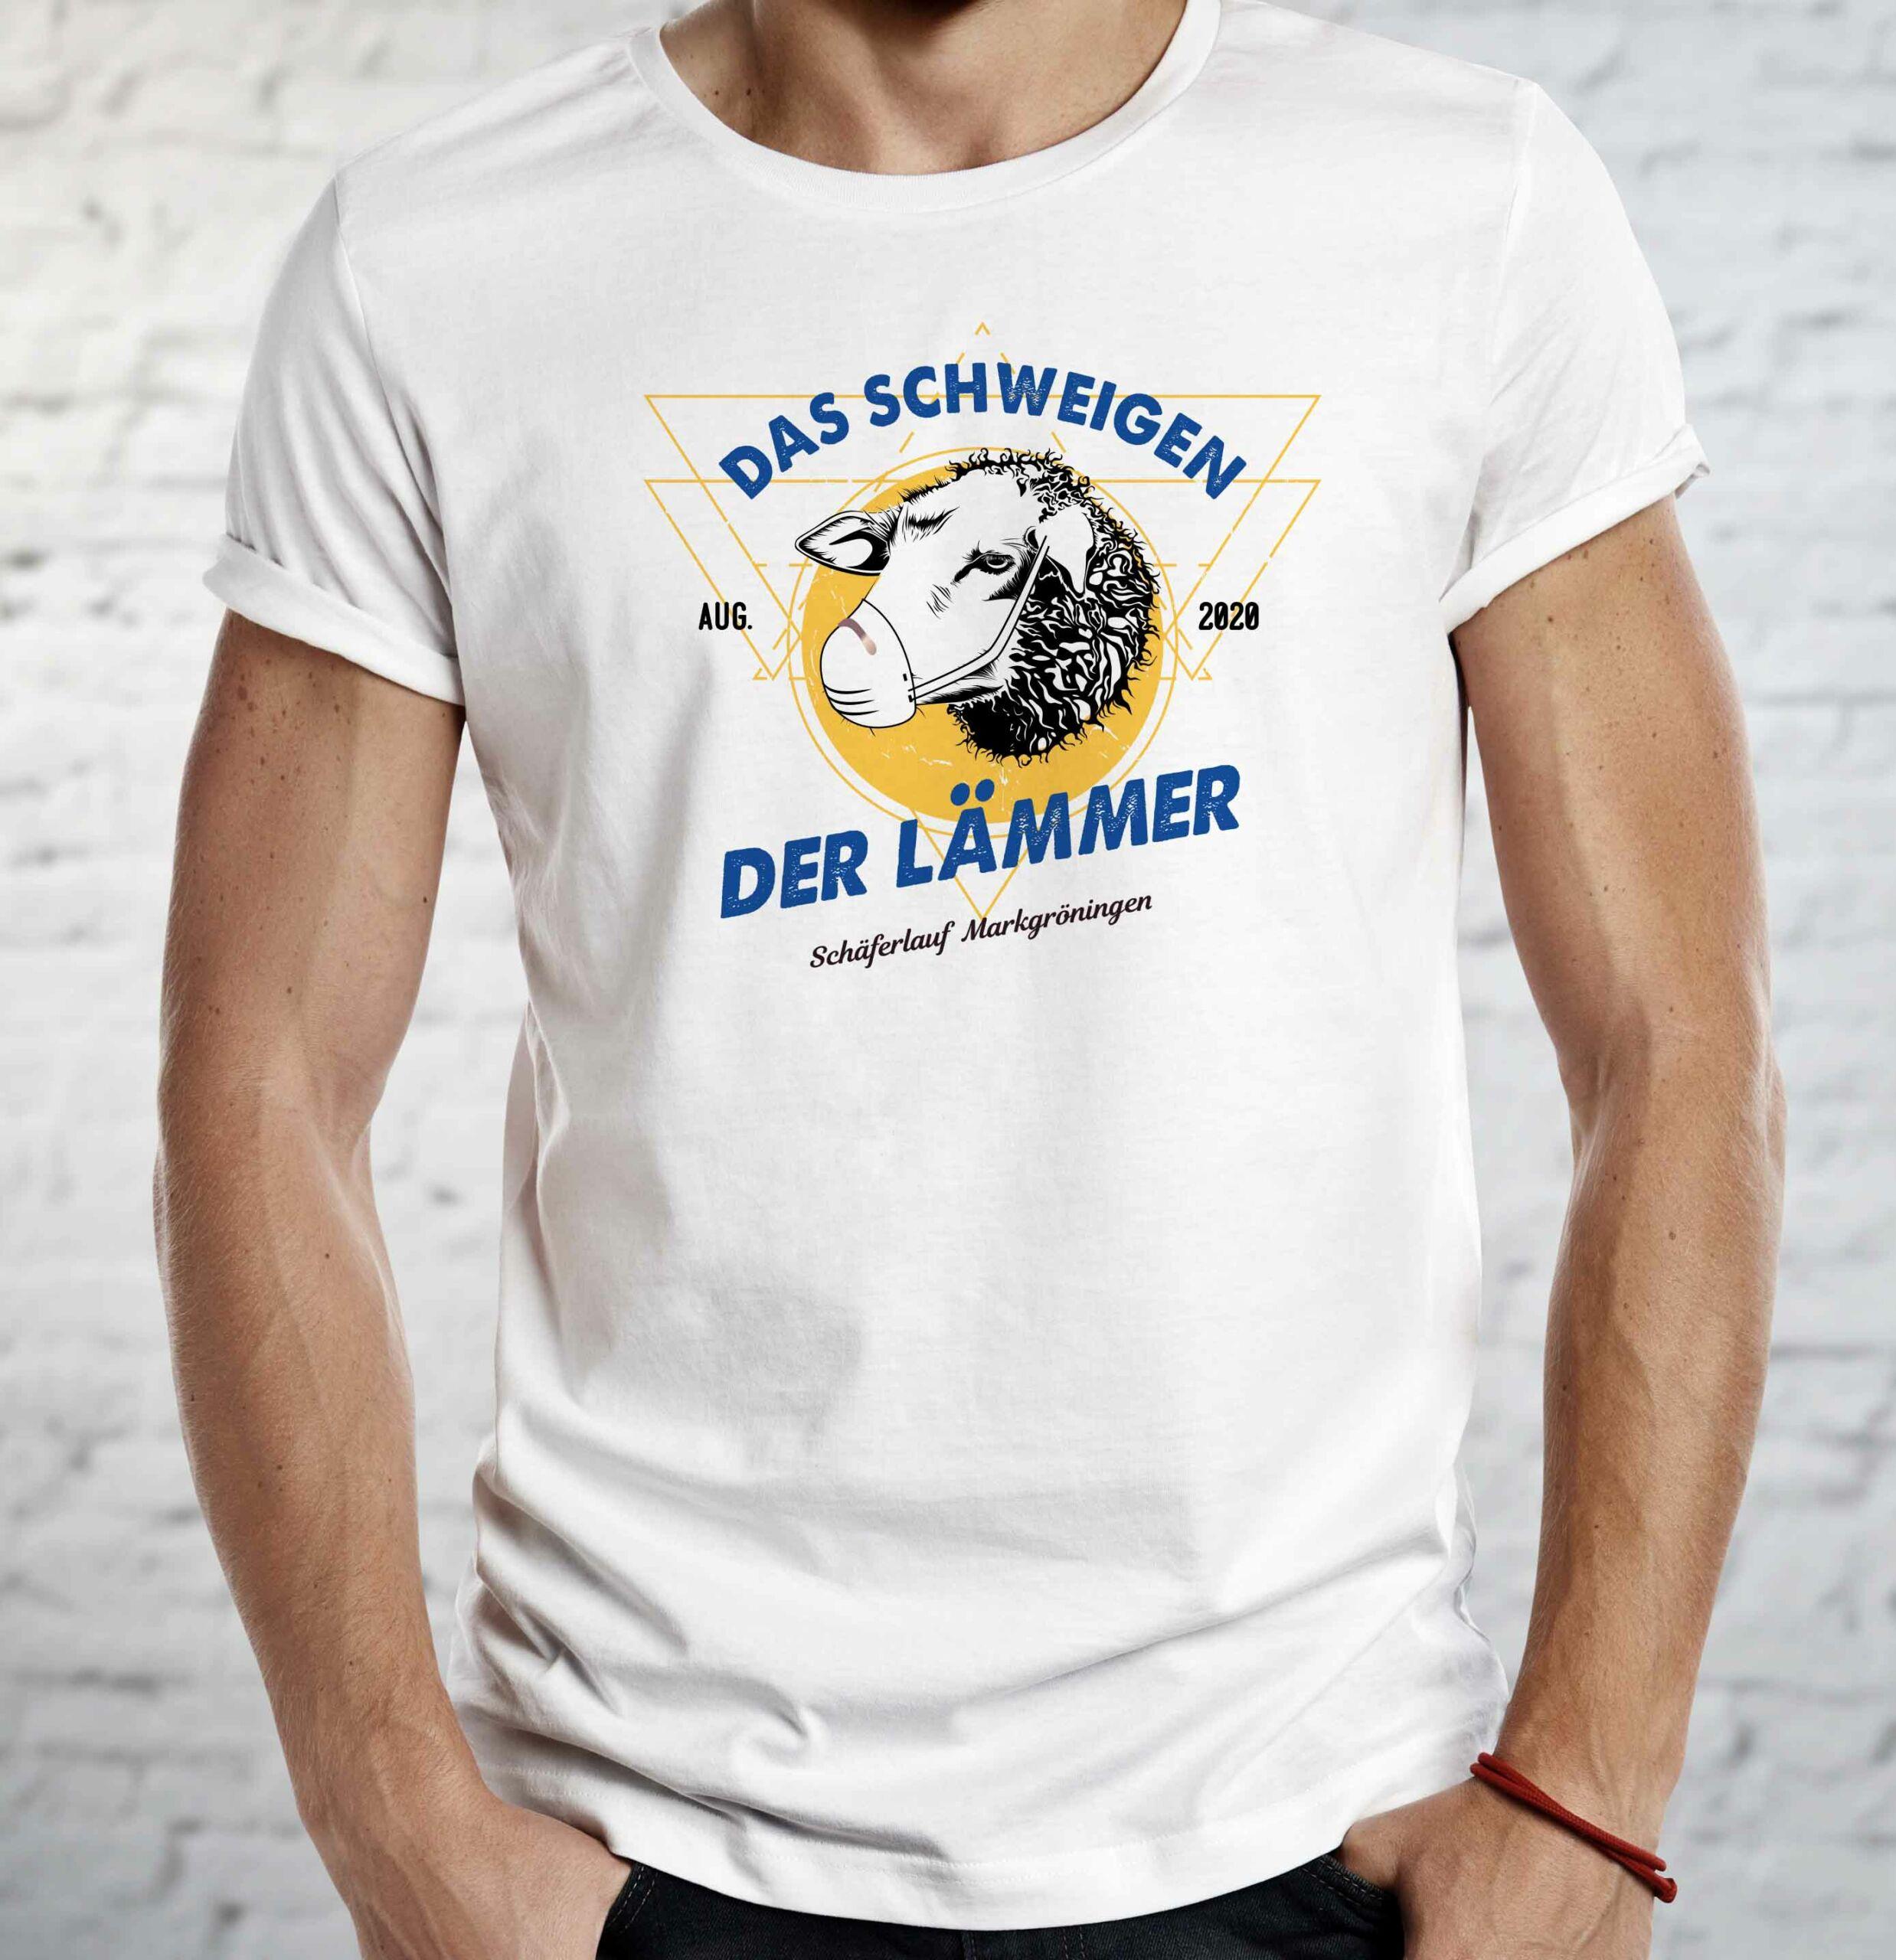 Schäferlauf Markgröningen Shirt 2020